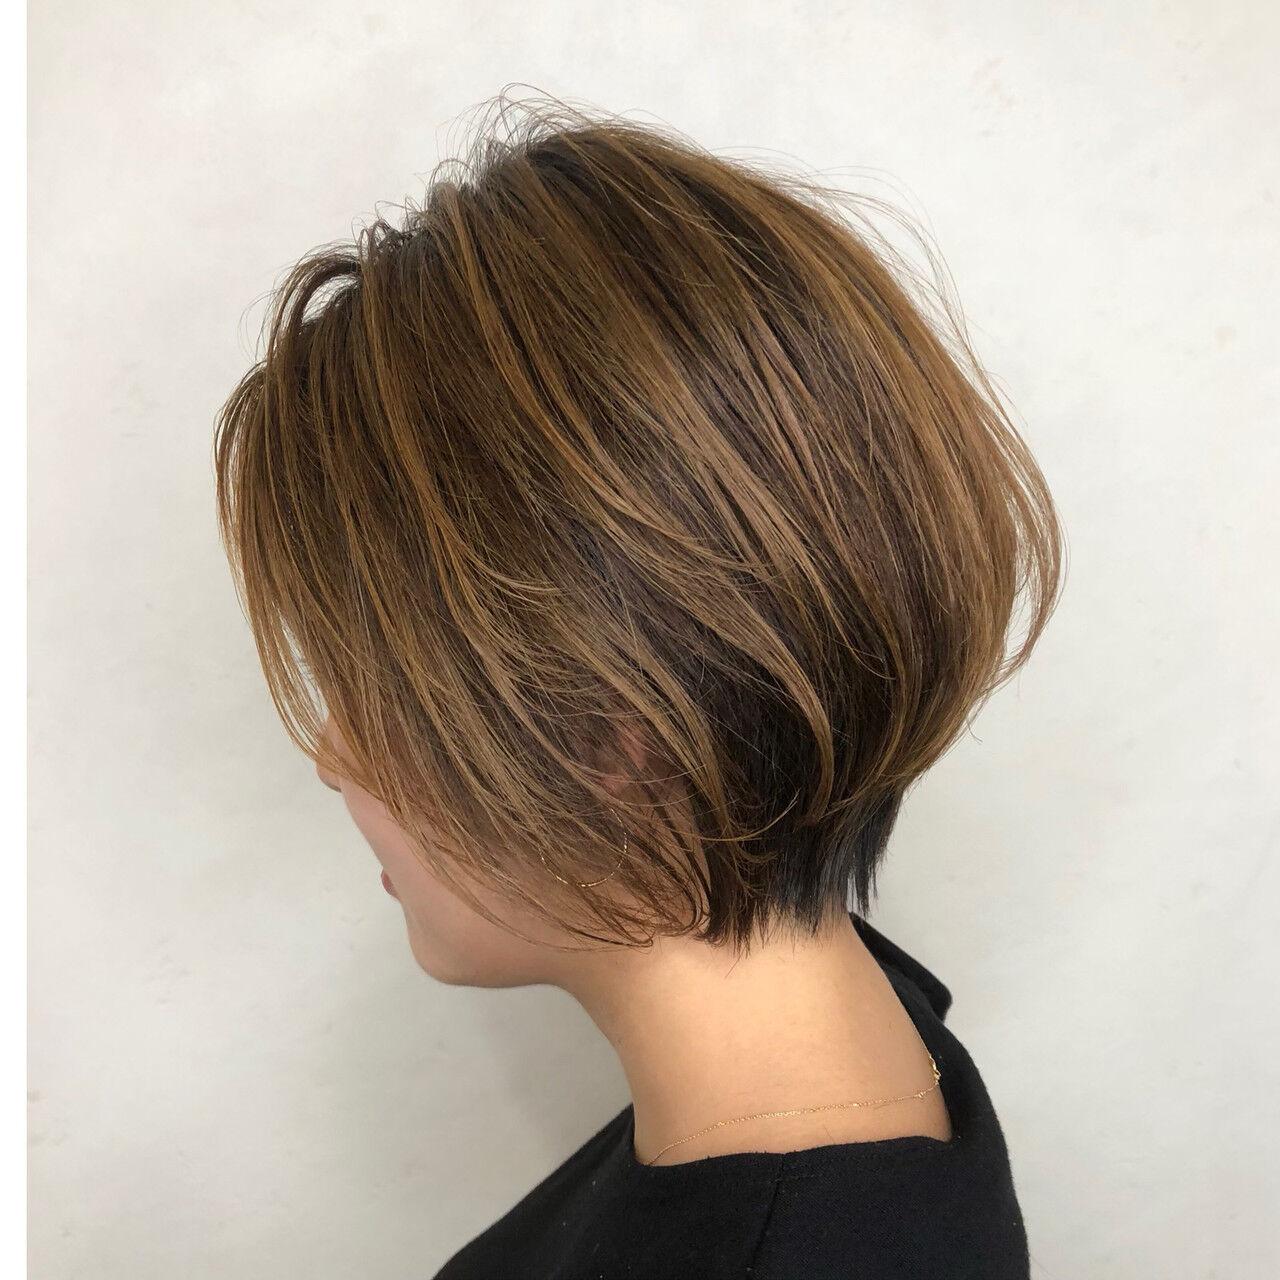 ベージュ ショート ストリート ショートボブヘアスタイルや髪型の写真・画像